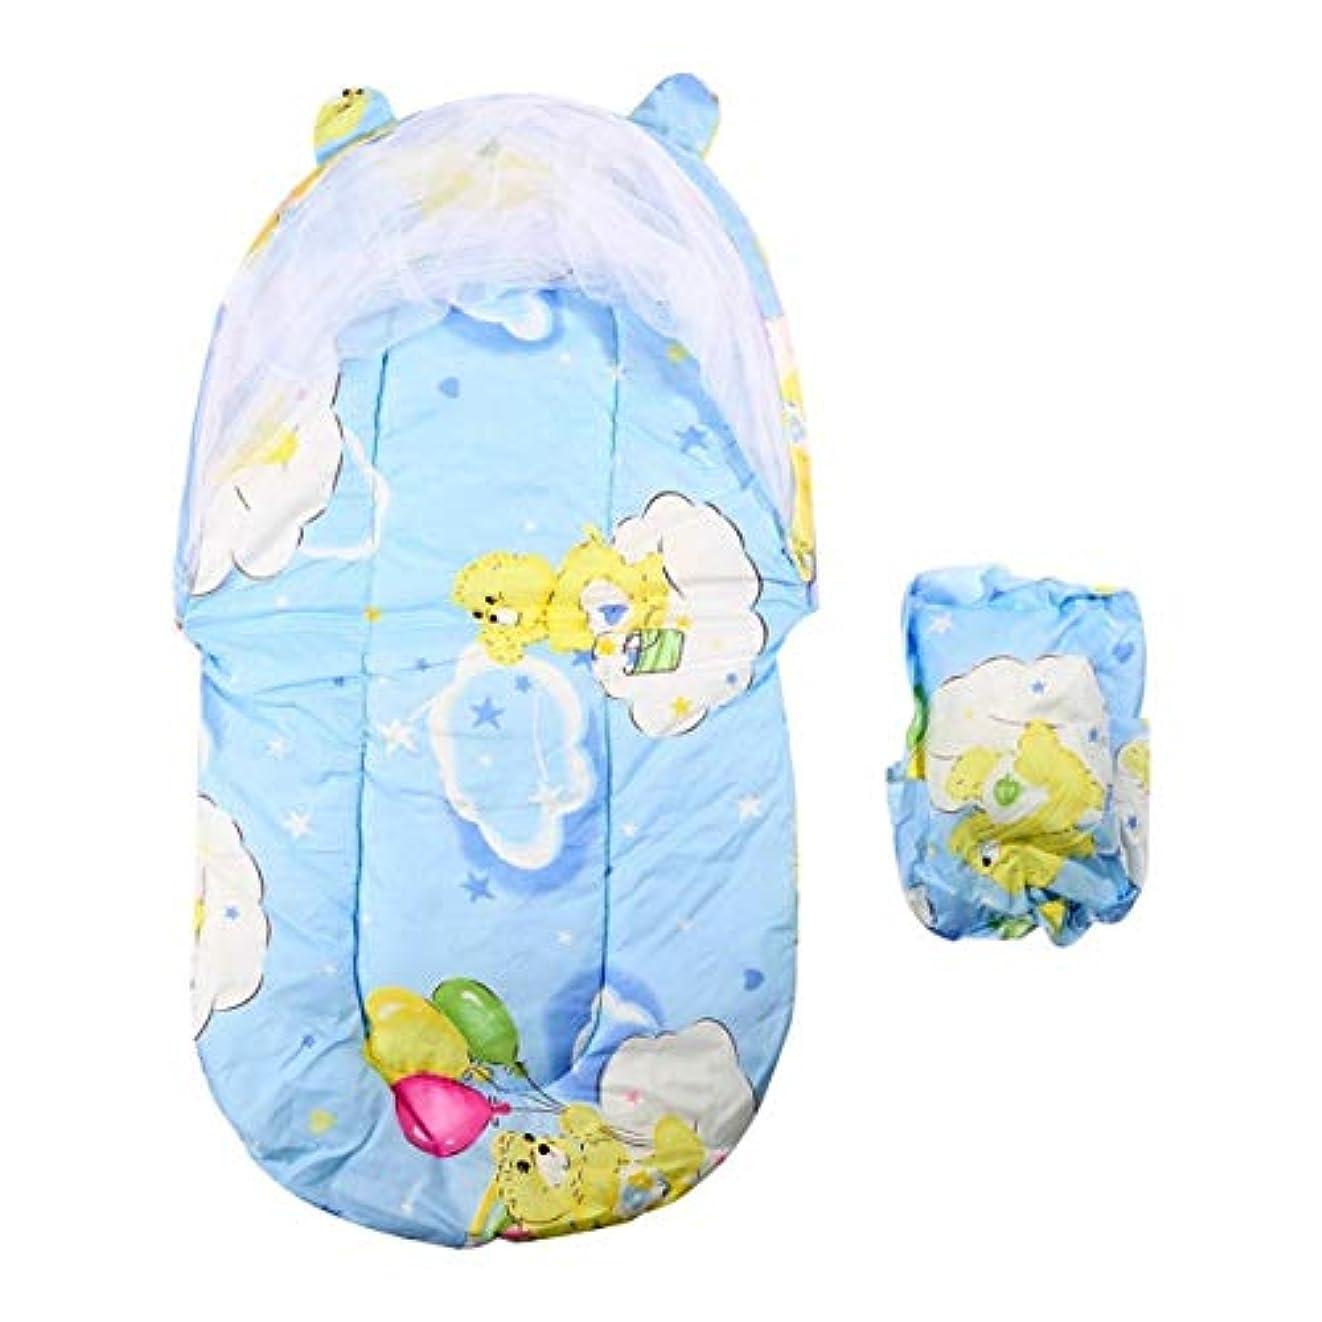 熟達したワーディアンケースシフトSaikogoods 折り畳み式の新しい赤ん坊の綿パッド入りマットレス幼児枕ベッド蚊帳テントはキッズベビーベッドアクセサリーハングドームフロアスタンド 青